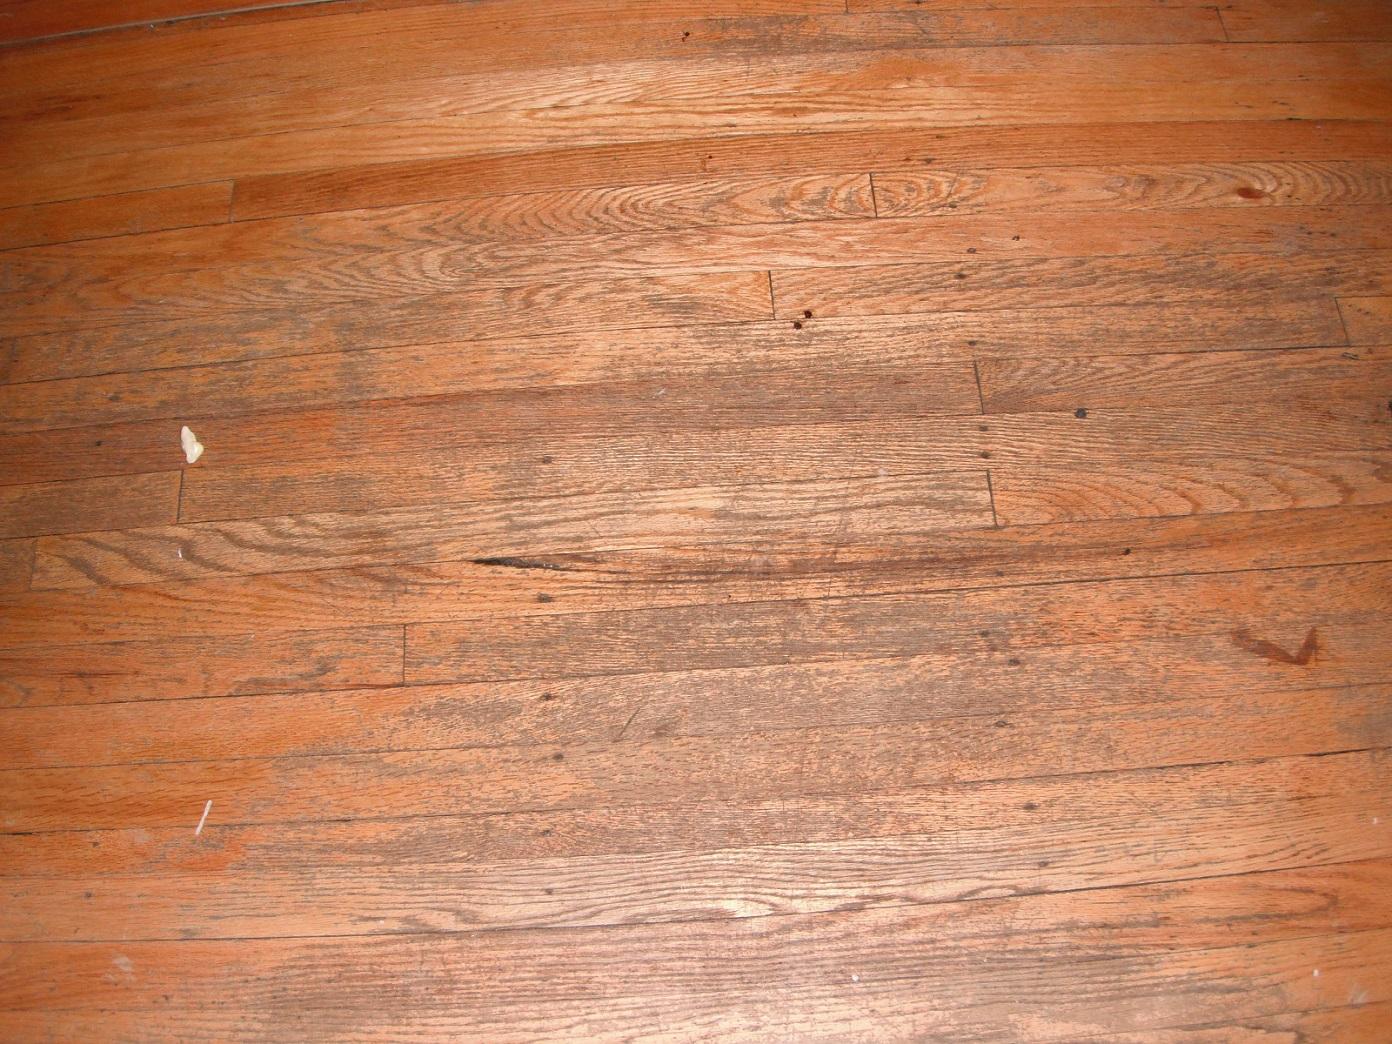 Severly worn wood floor needs to be refinshed Worn wood floors